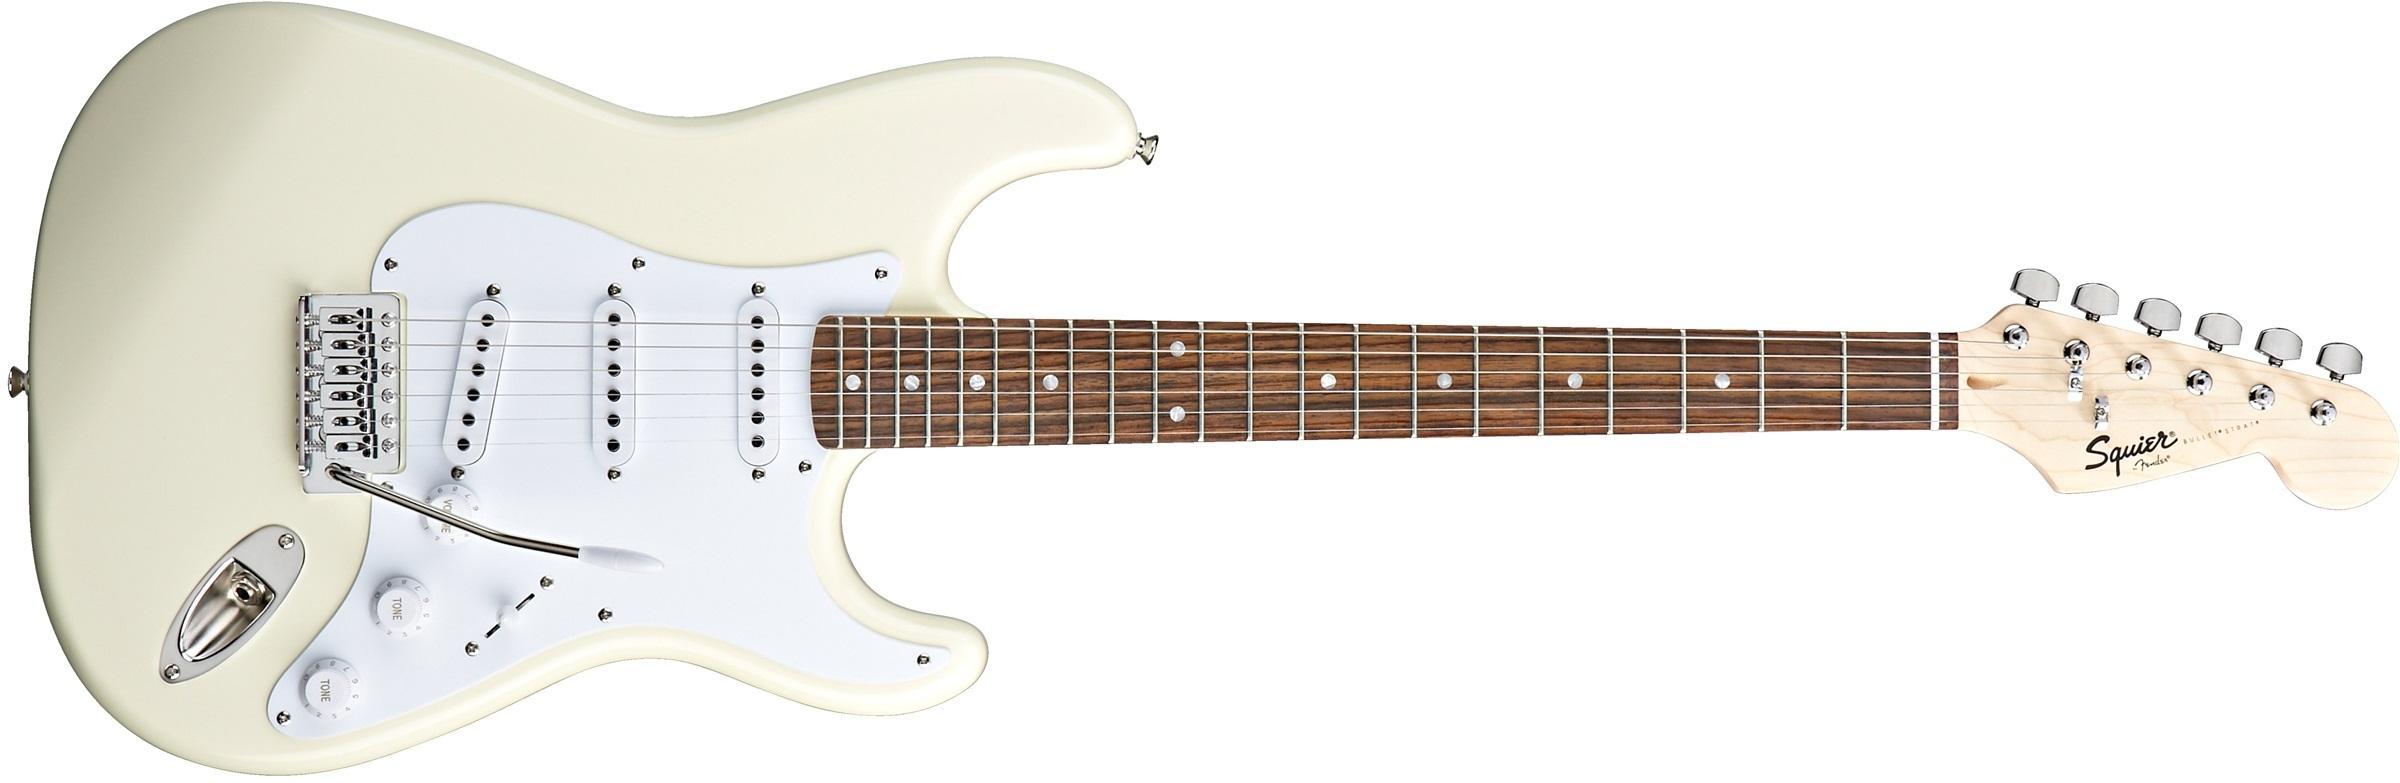 Fender Squier Bullet Stratocaster LRL AW